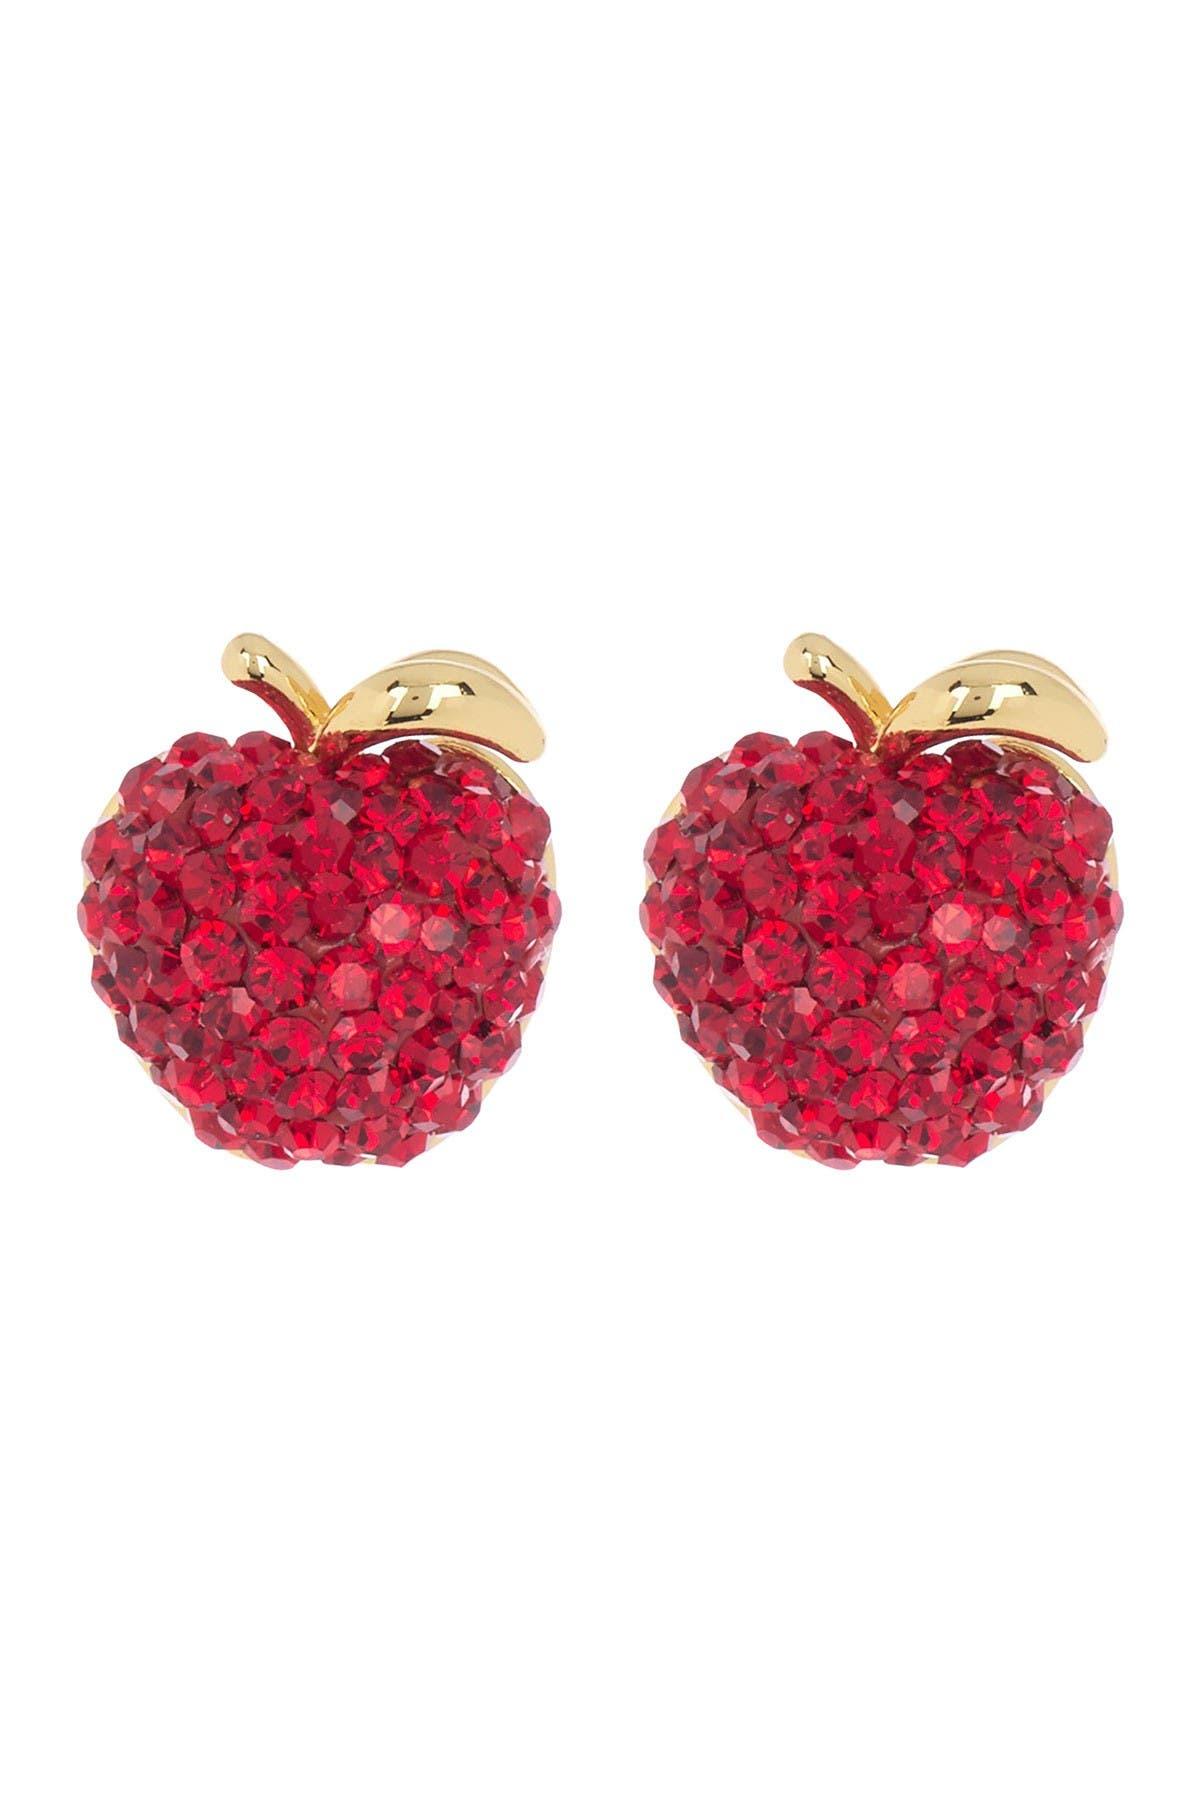 pave crystal small apple stud earrings